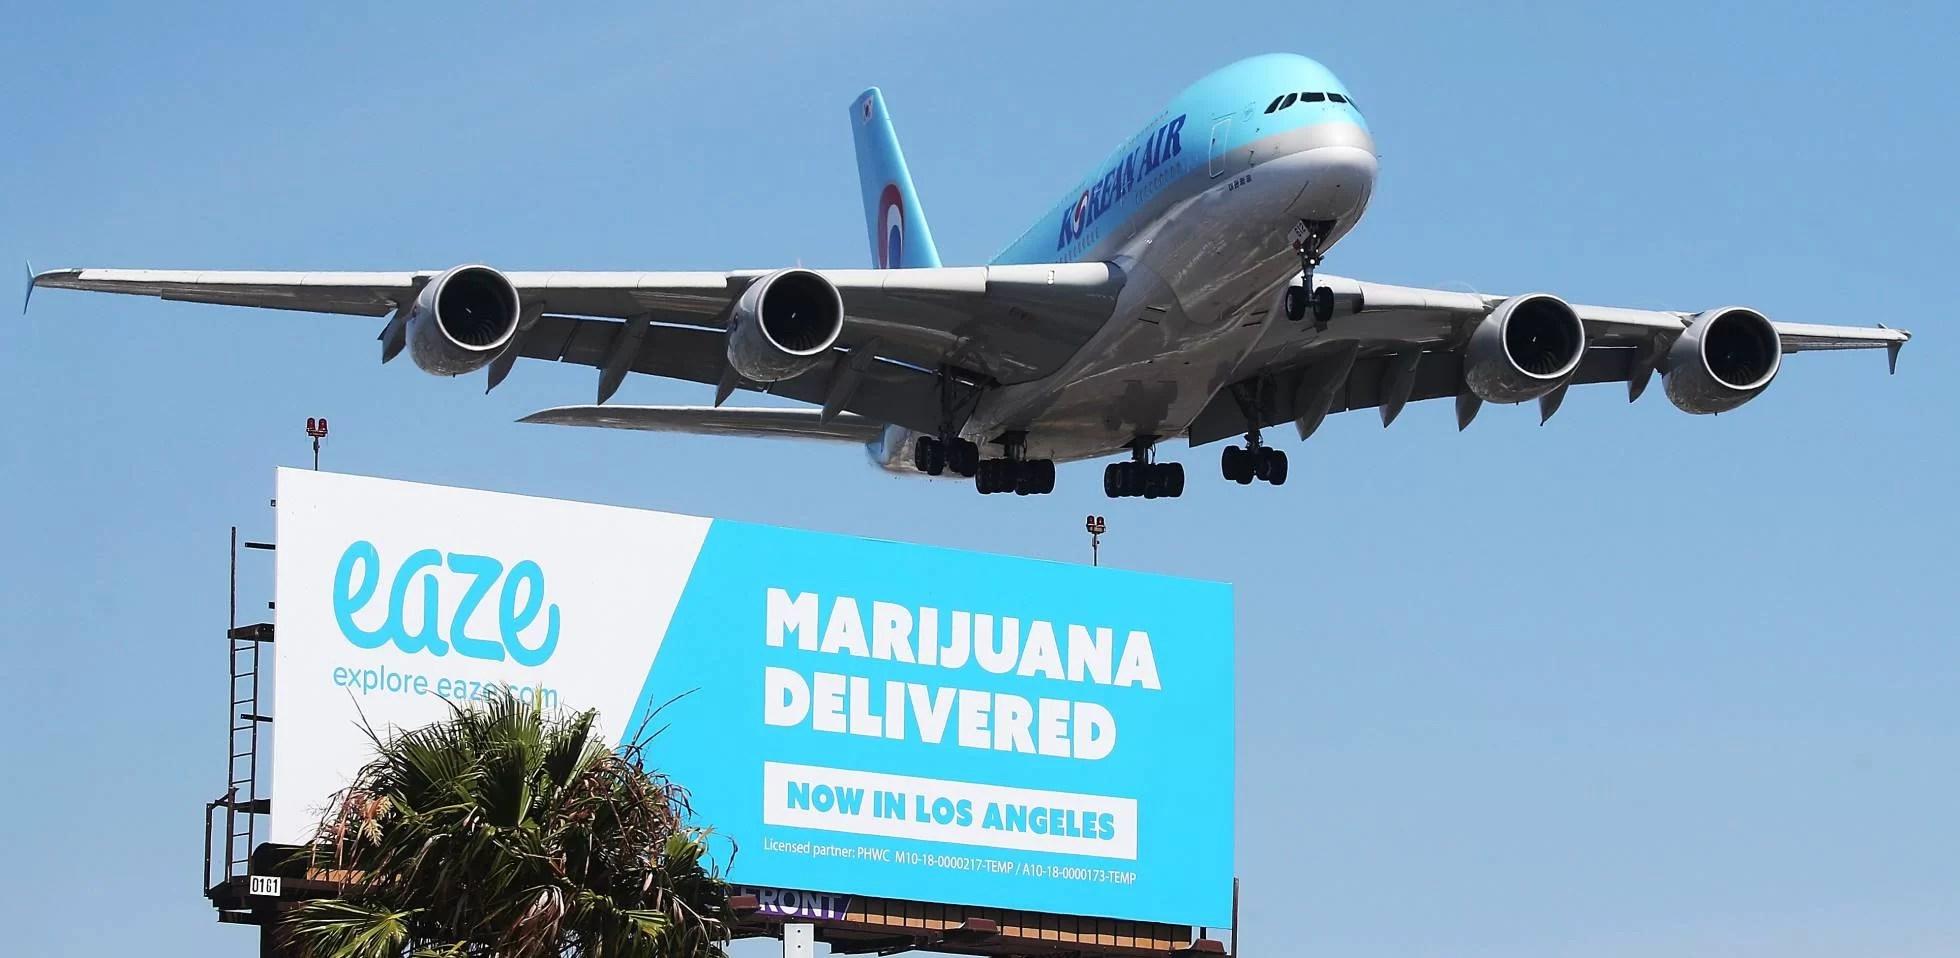 Mierda!: narcotraficantes cotizando duro en Wall Street... Grandes bancos y empresas de bebidas dan los primeros pasos para entrar de lleno en el negocio del cannabis y disparan las expectativas en el sector...